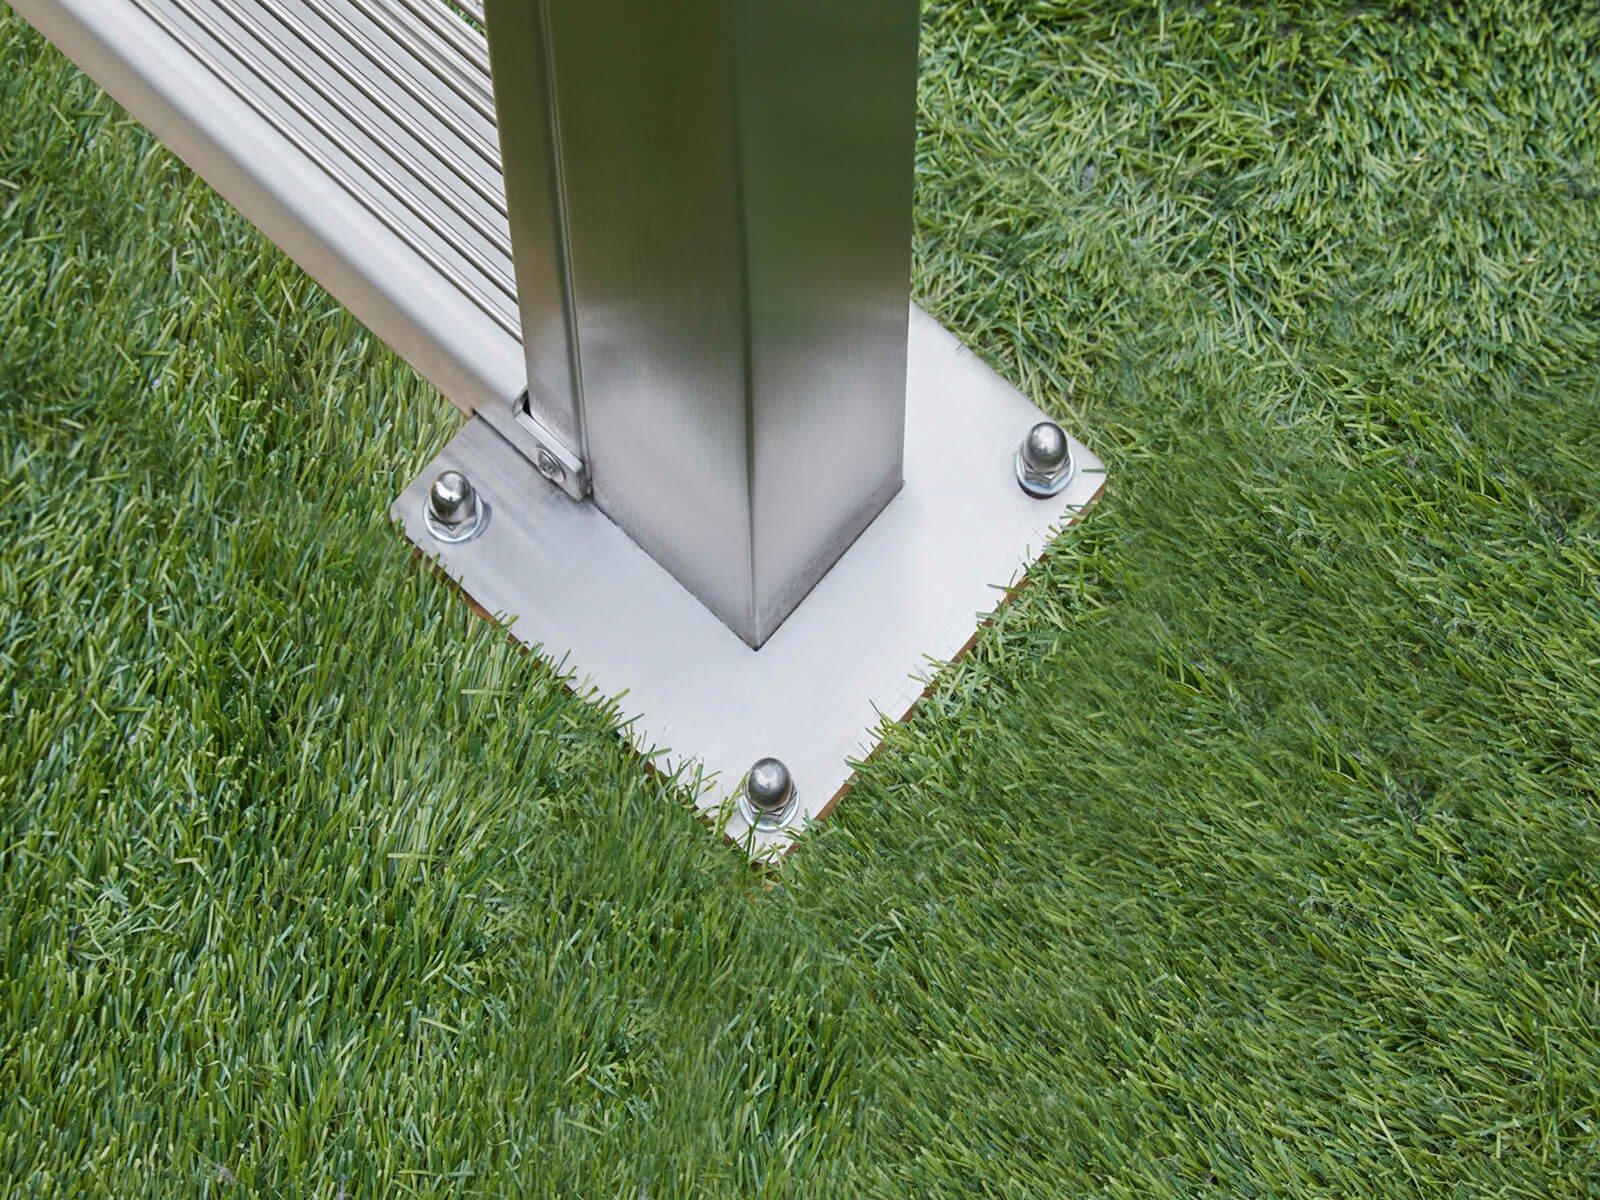 Gabionenzaun aus Steinen als Abgrenzung und Wind Lärm- und Sichtschutz für die Terrasse maßgefertigte Ausführung im schmalen Design